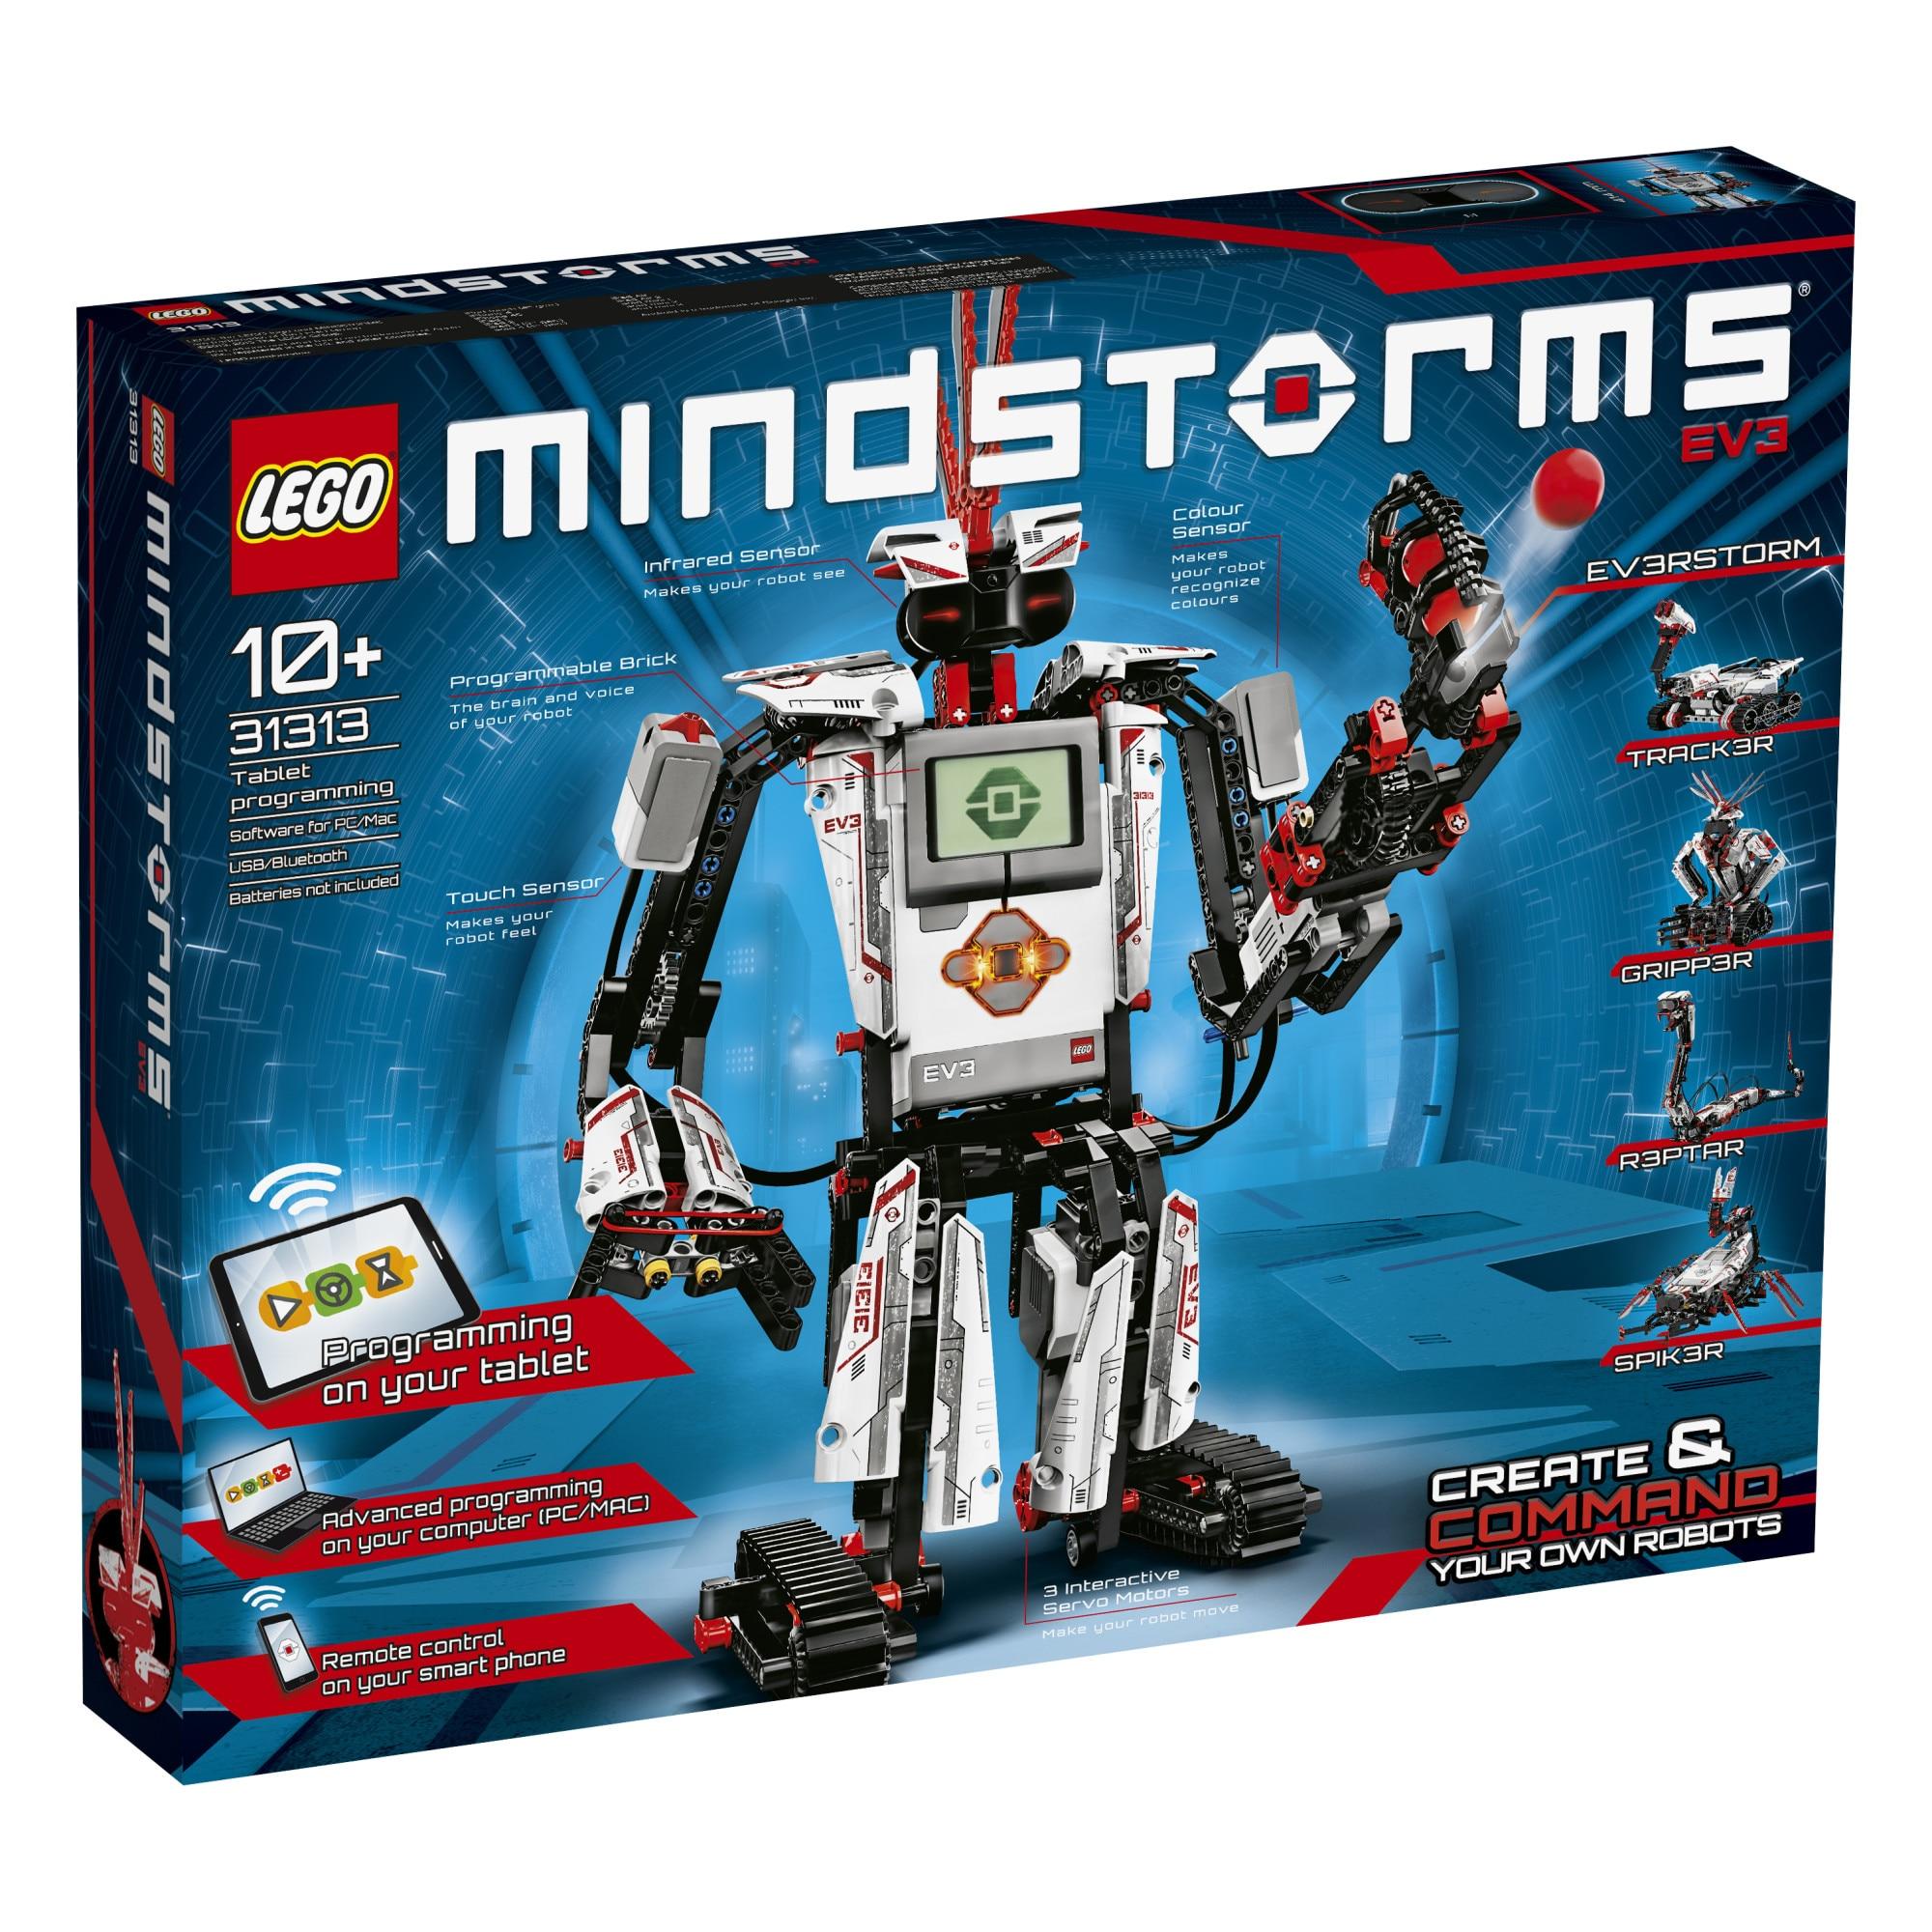 Fotografie LEGO MINDSTORMS EV3 31313